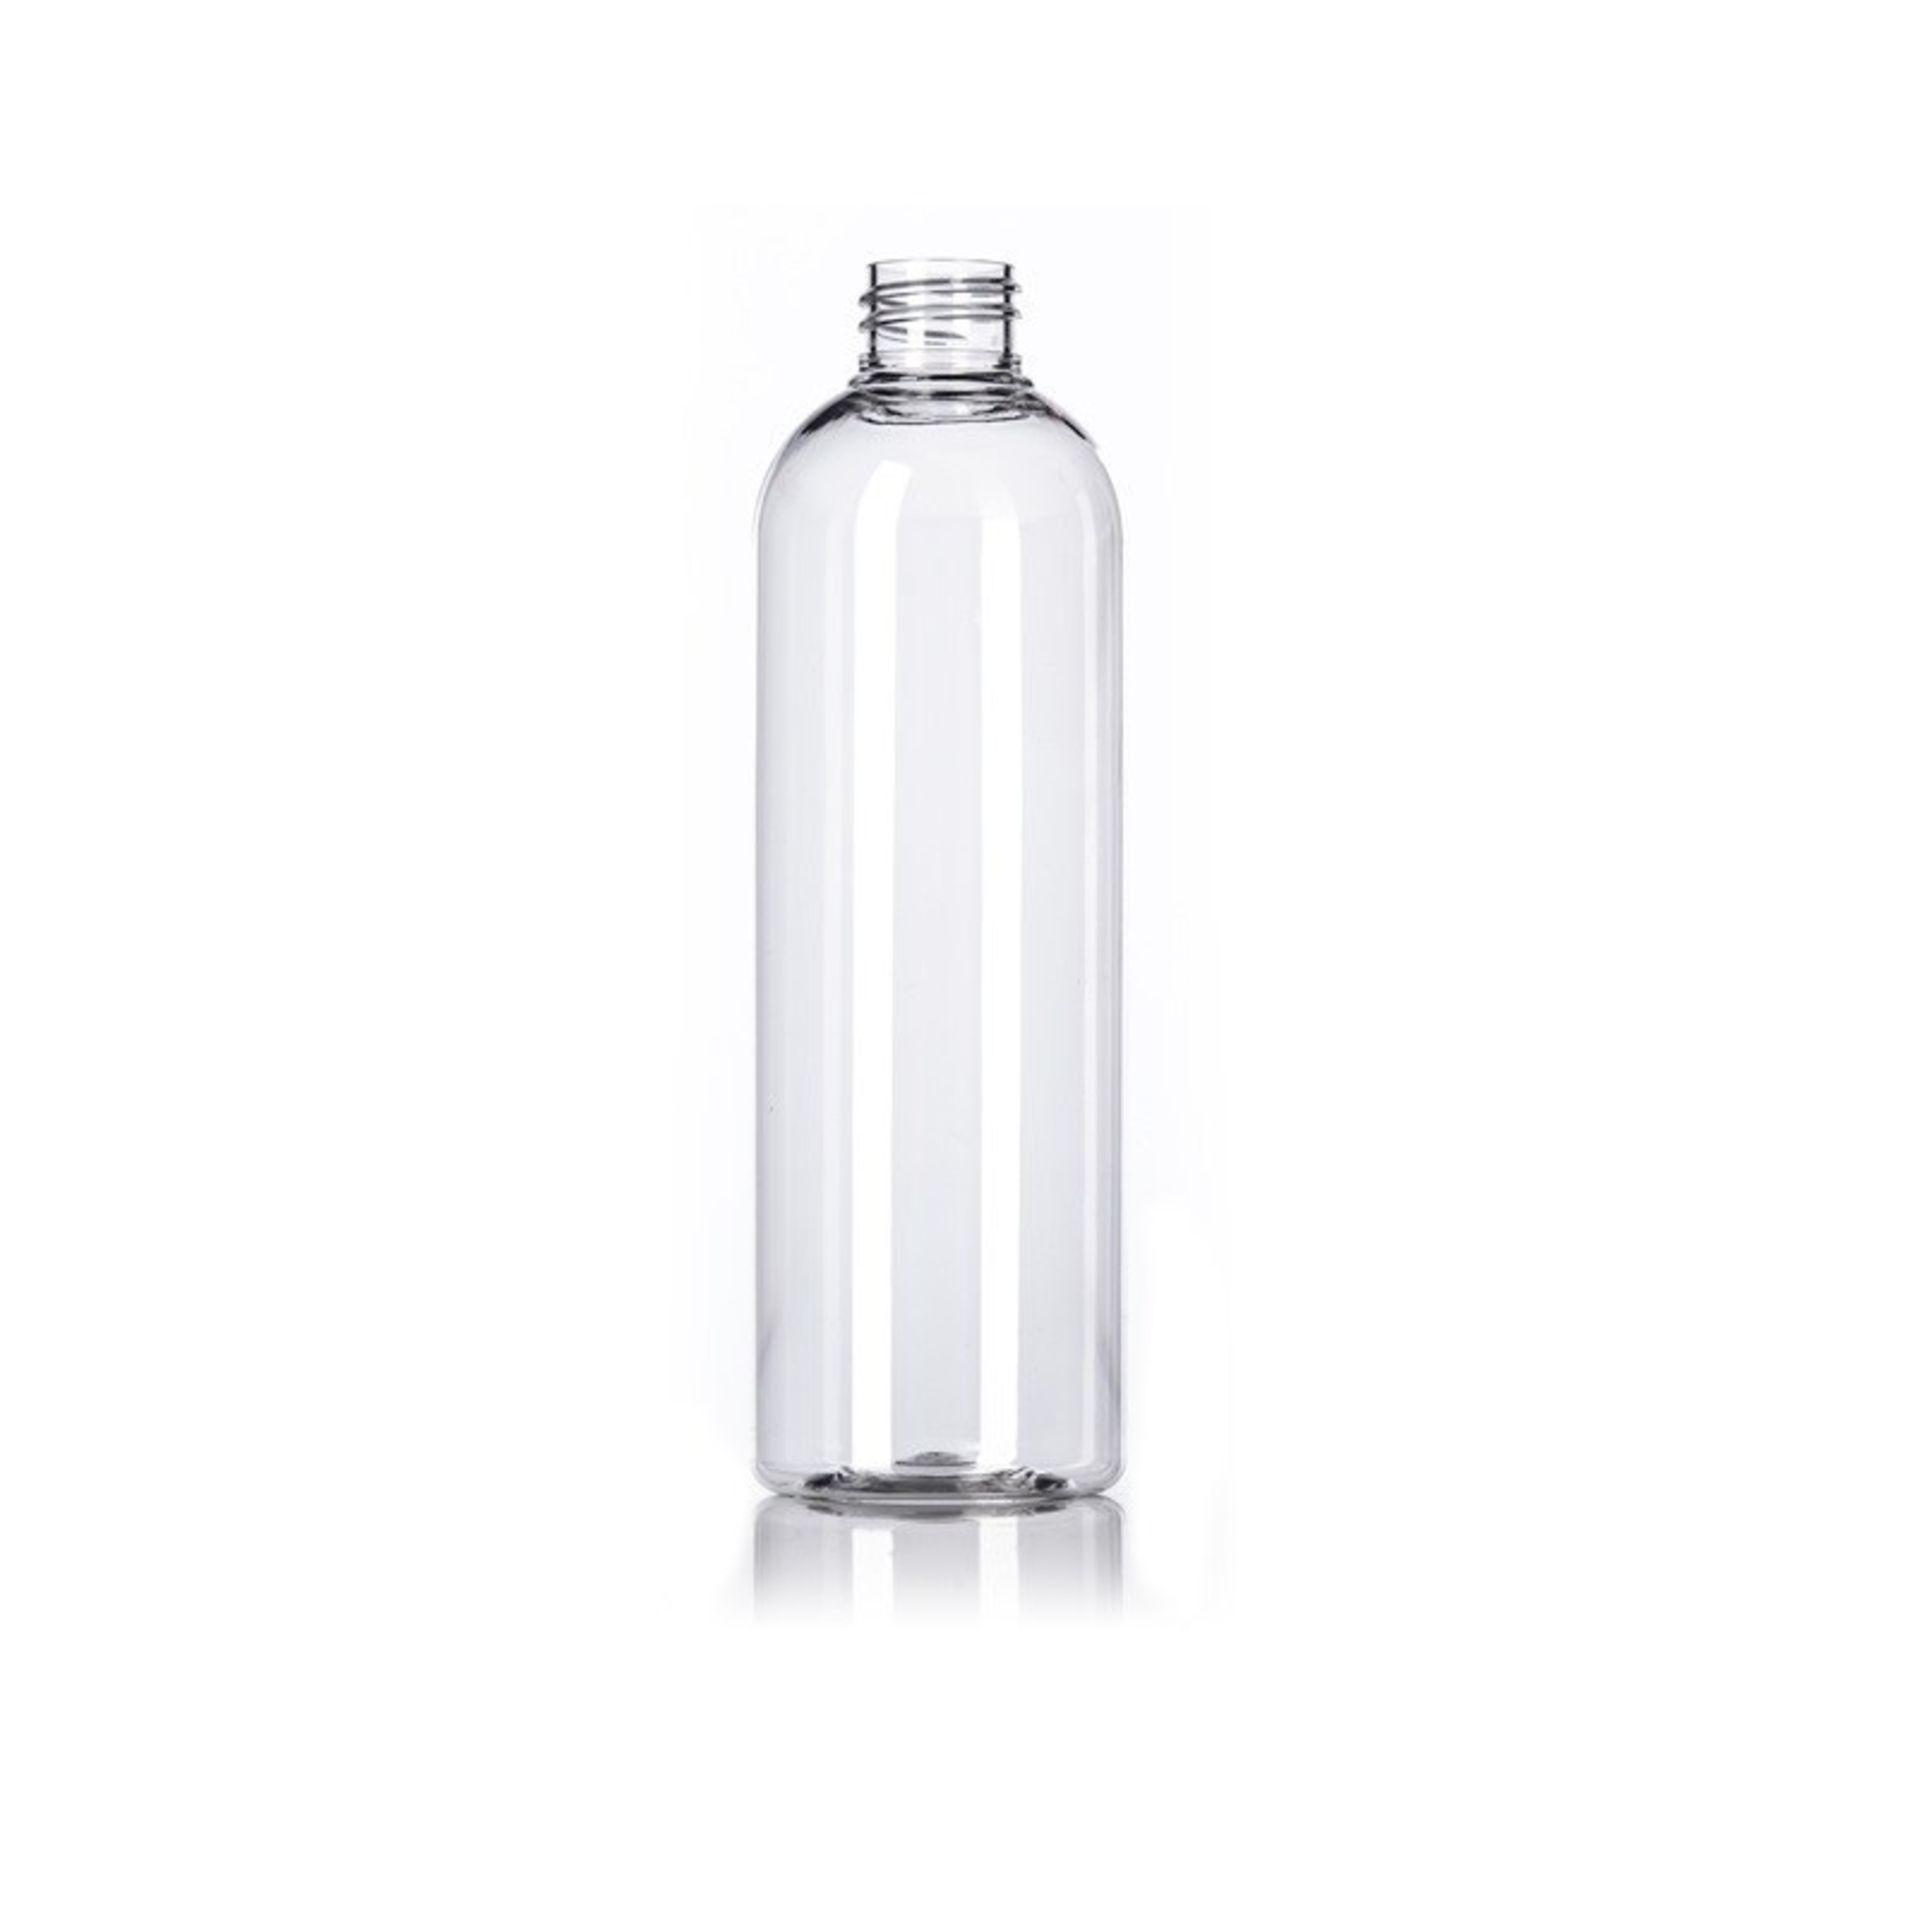 """30,000 - 16 oz Empty Bullet Plastic Bottles, Neck Threading 28-410, 8"""" Tall, 2.5"""" Diameter - Image 2 of 8"""